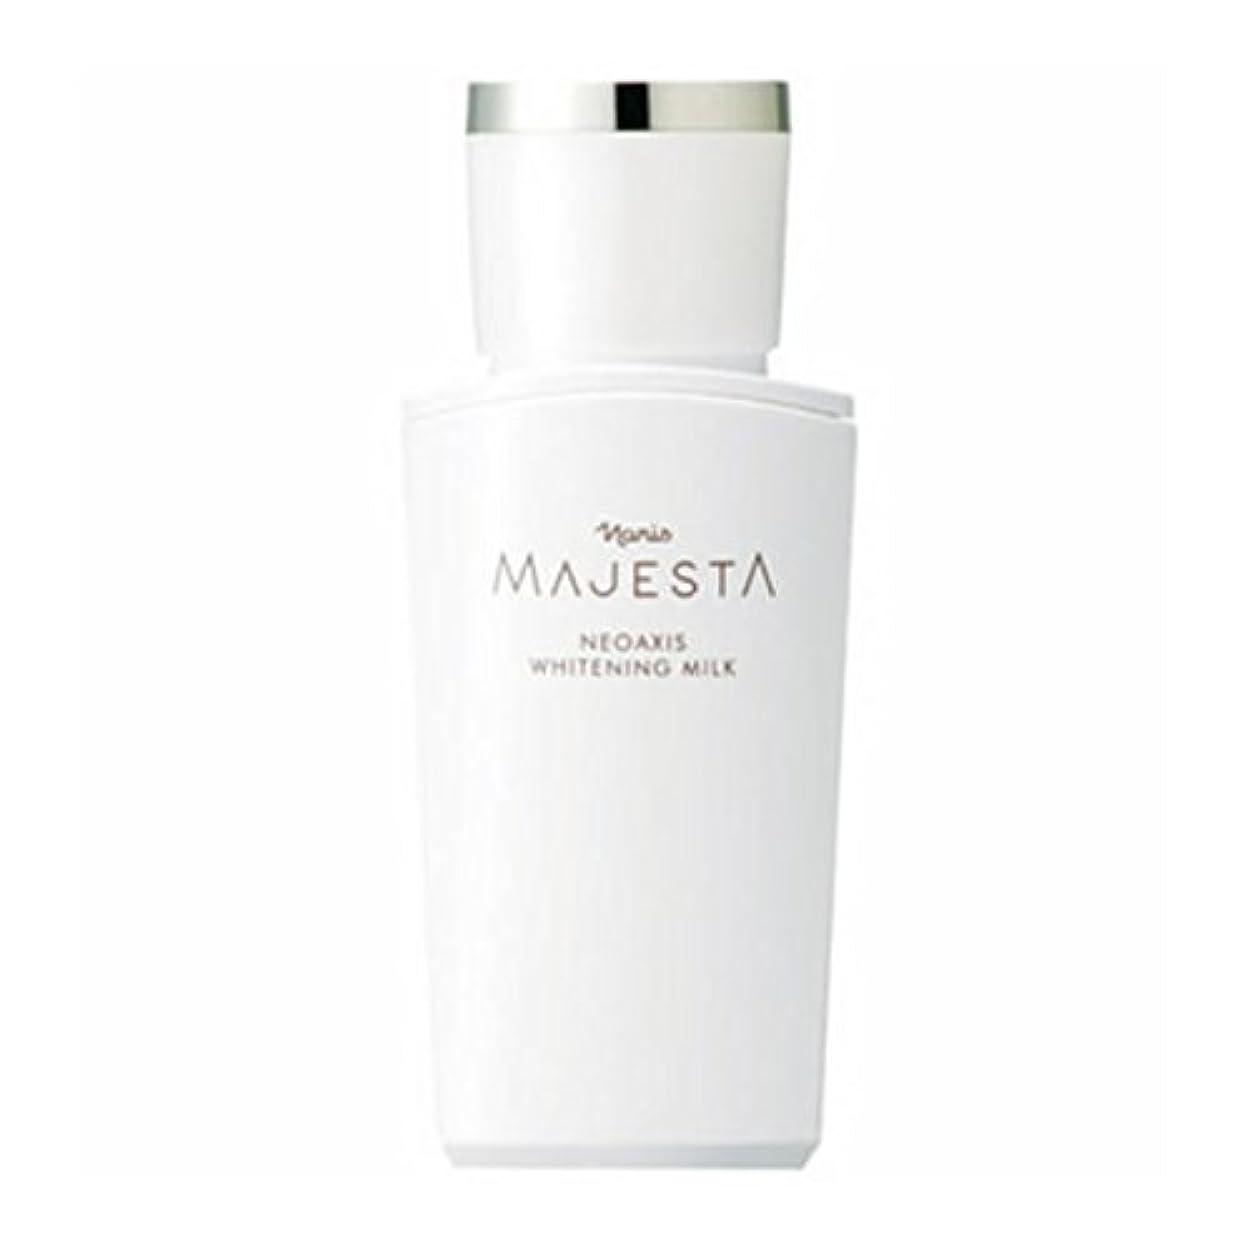 シフト召集するマーカーナリス化粧品 マジェスタ ネオアクシス ホワイトニング ミルク (薬用 美白乳液) 80ml